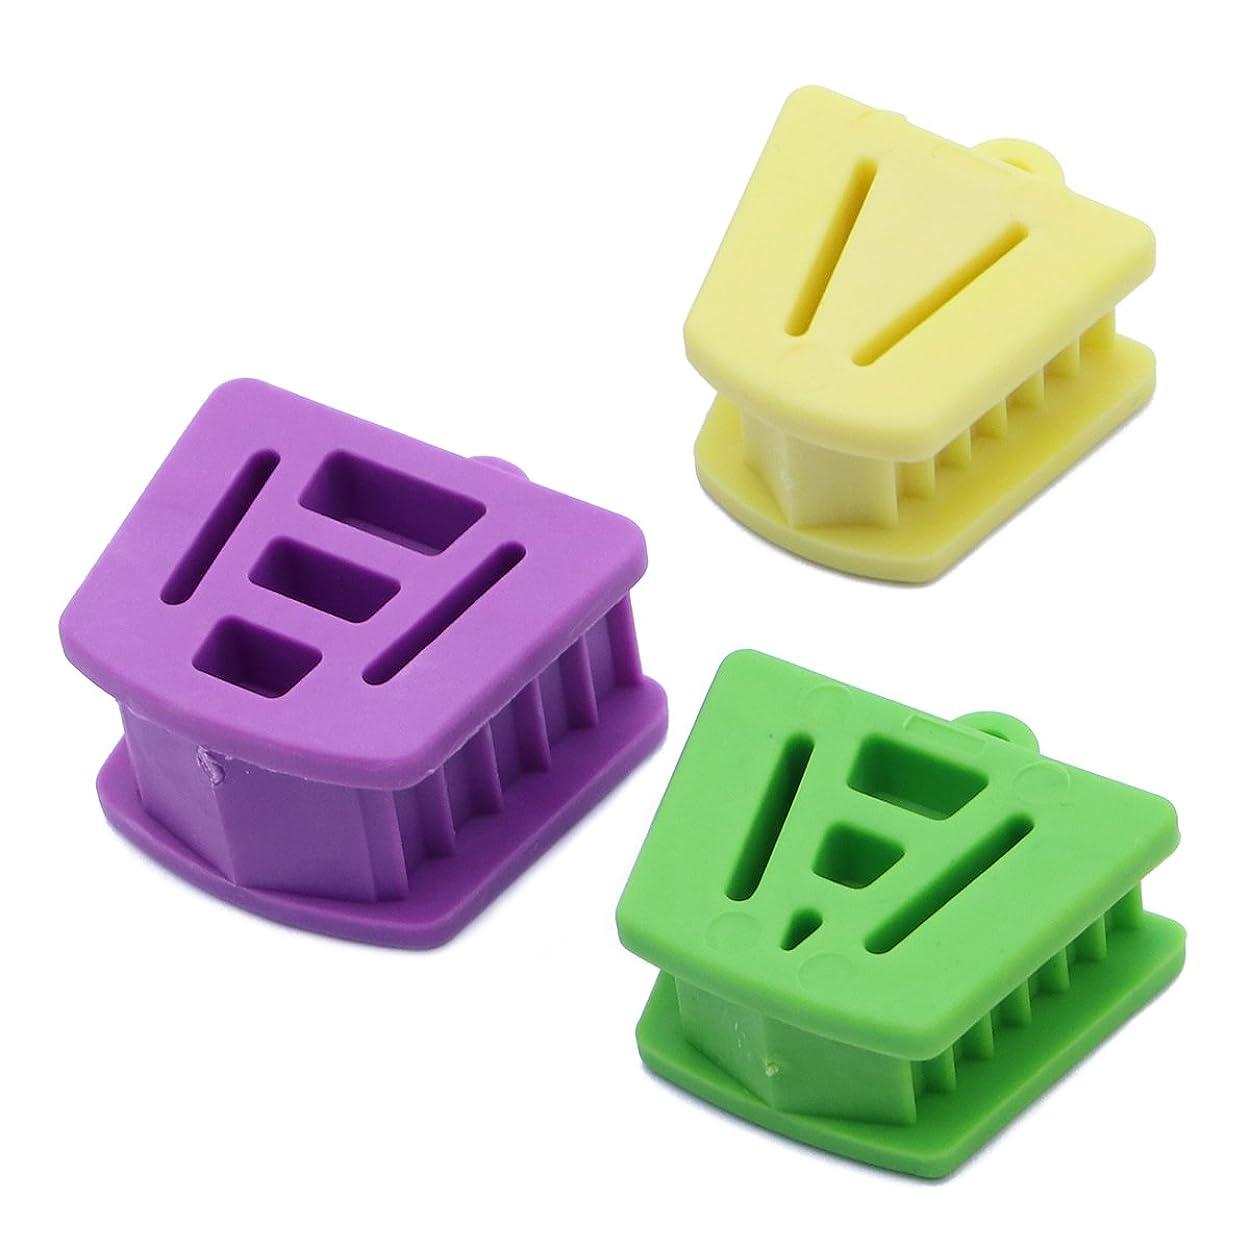 集める免疫する医療過誤Healifty 3個/パック口プロップバイトブロック歯科口腔内支持矯正用アクセサリー